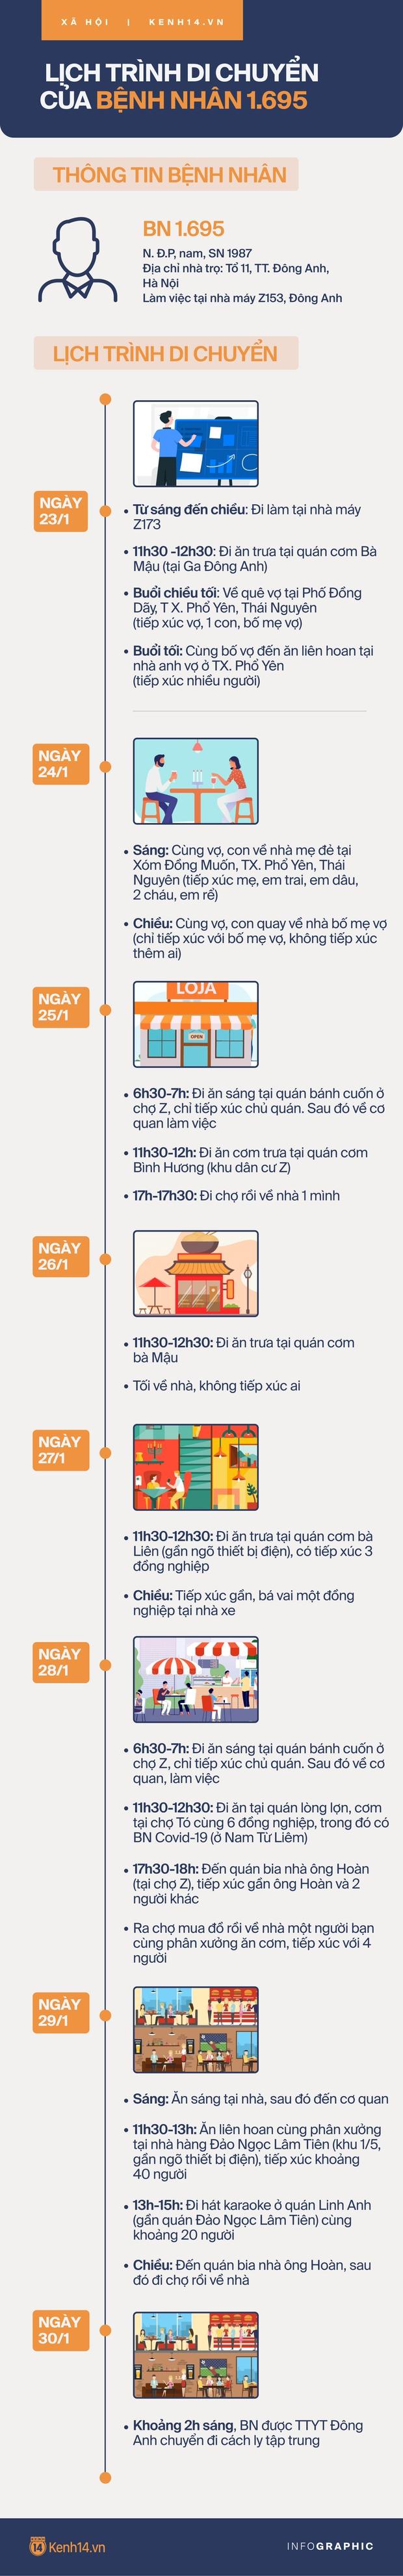 Lịch trình dày đặc của ca Covid-19 thứ 4 ở Hà Nội: Nhiều lần về Thái Nguyên, đi chợ, đi liên hoan, karaoke, uống bia - Ảnh 1.